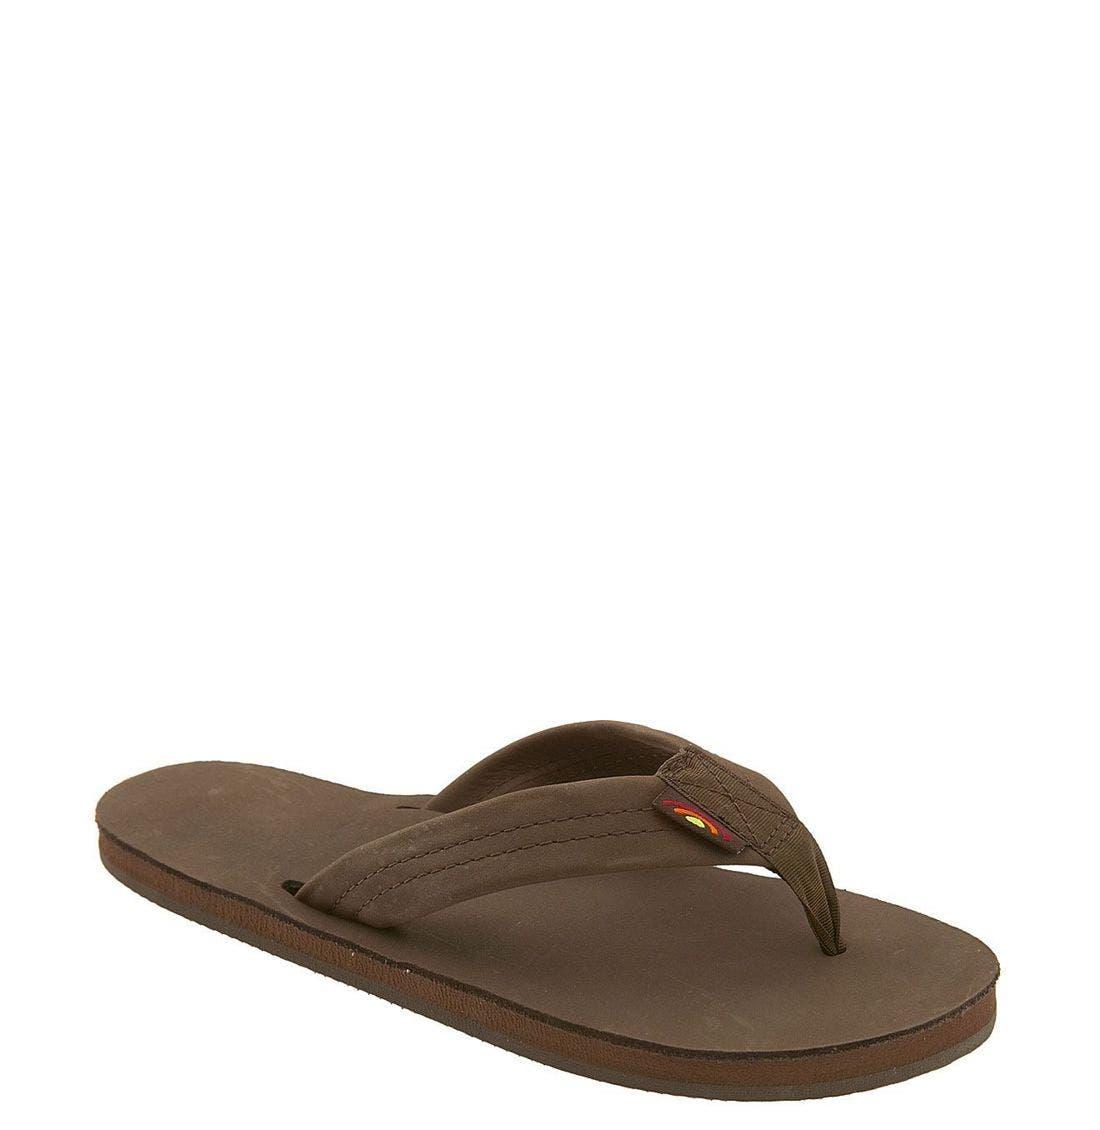 d2daff10a508 Rainbow Sandals   Flip-Flops